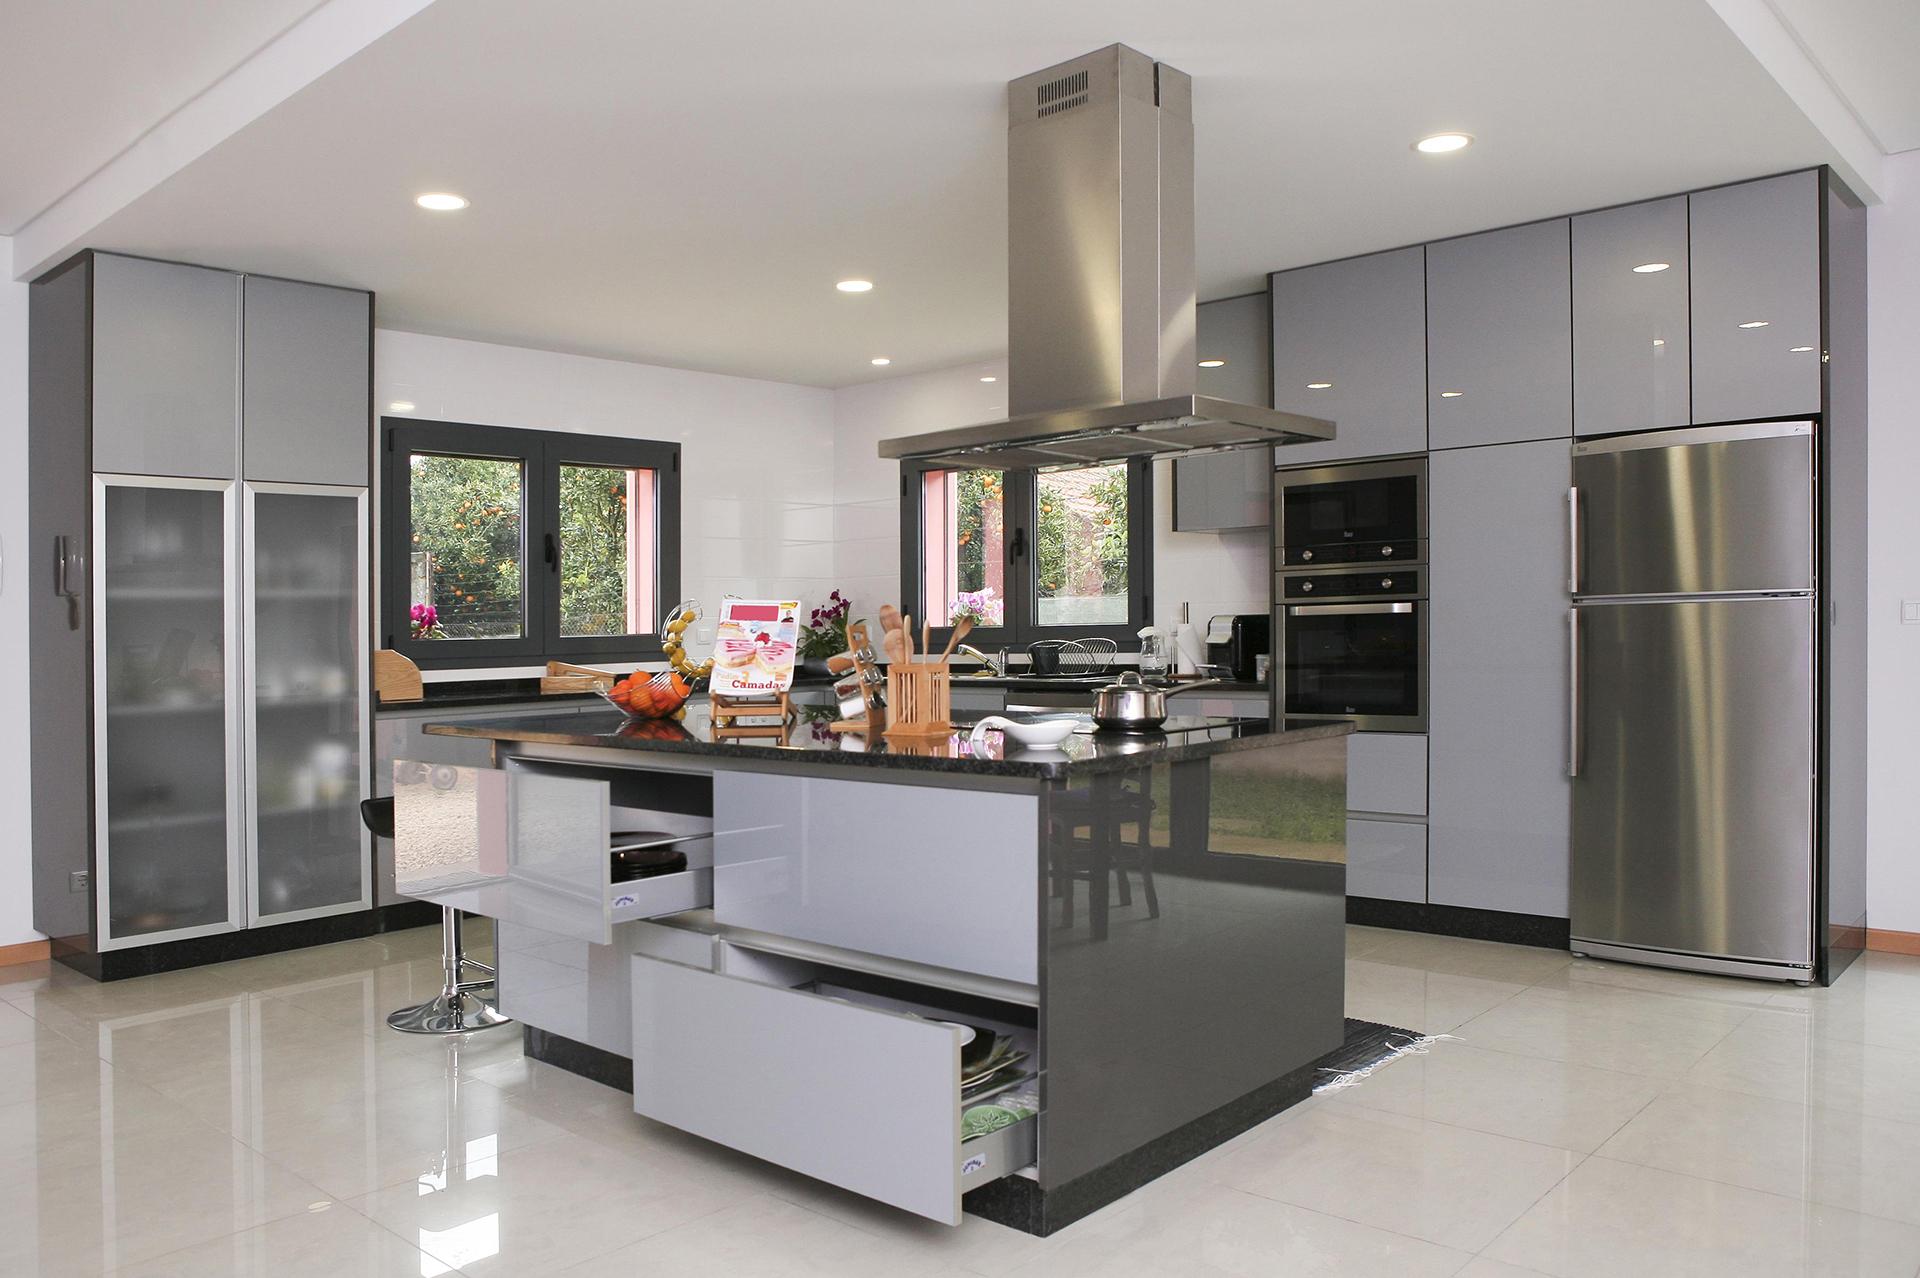 Cozinha em Acrílico Cinza Claro e Antracite com Puxador de Perfil em Alumínio e tampo em Granito Preto Angola